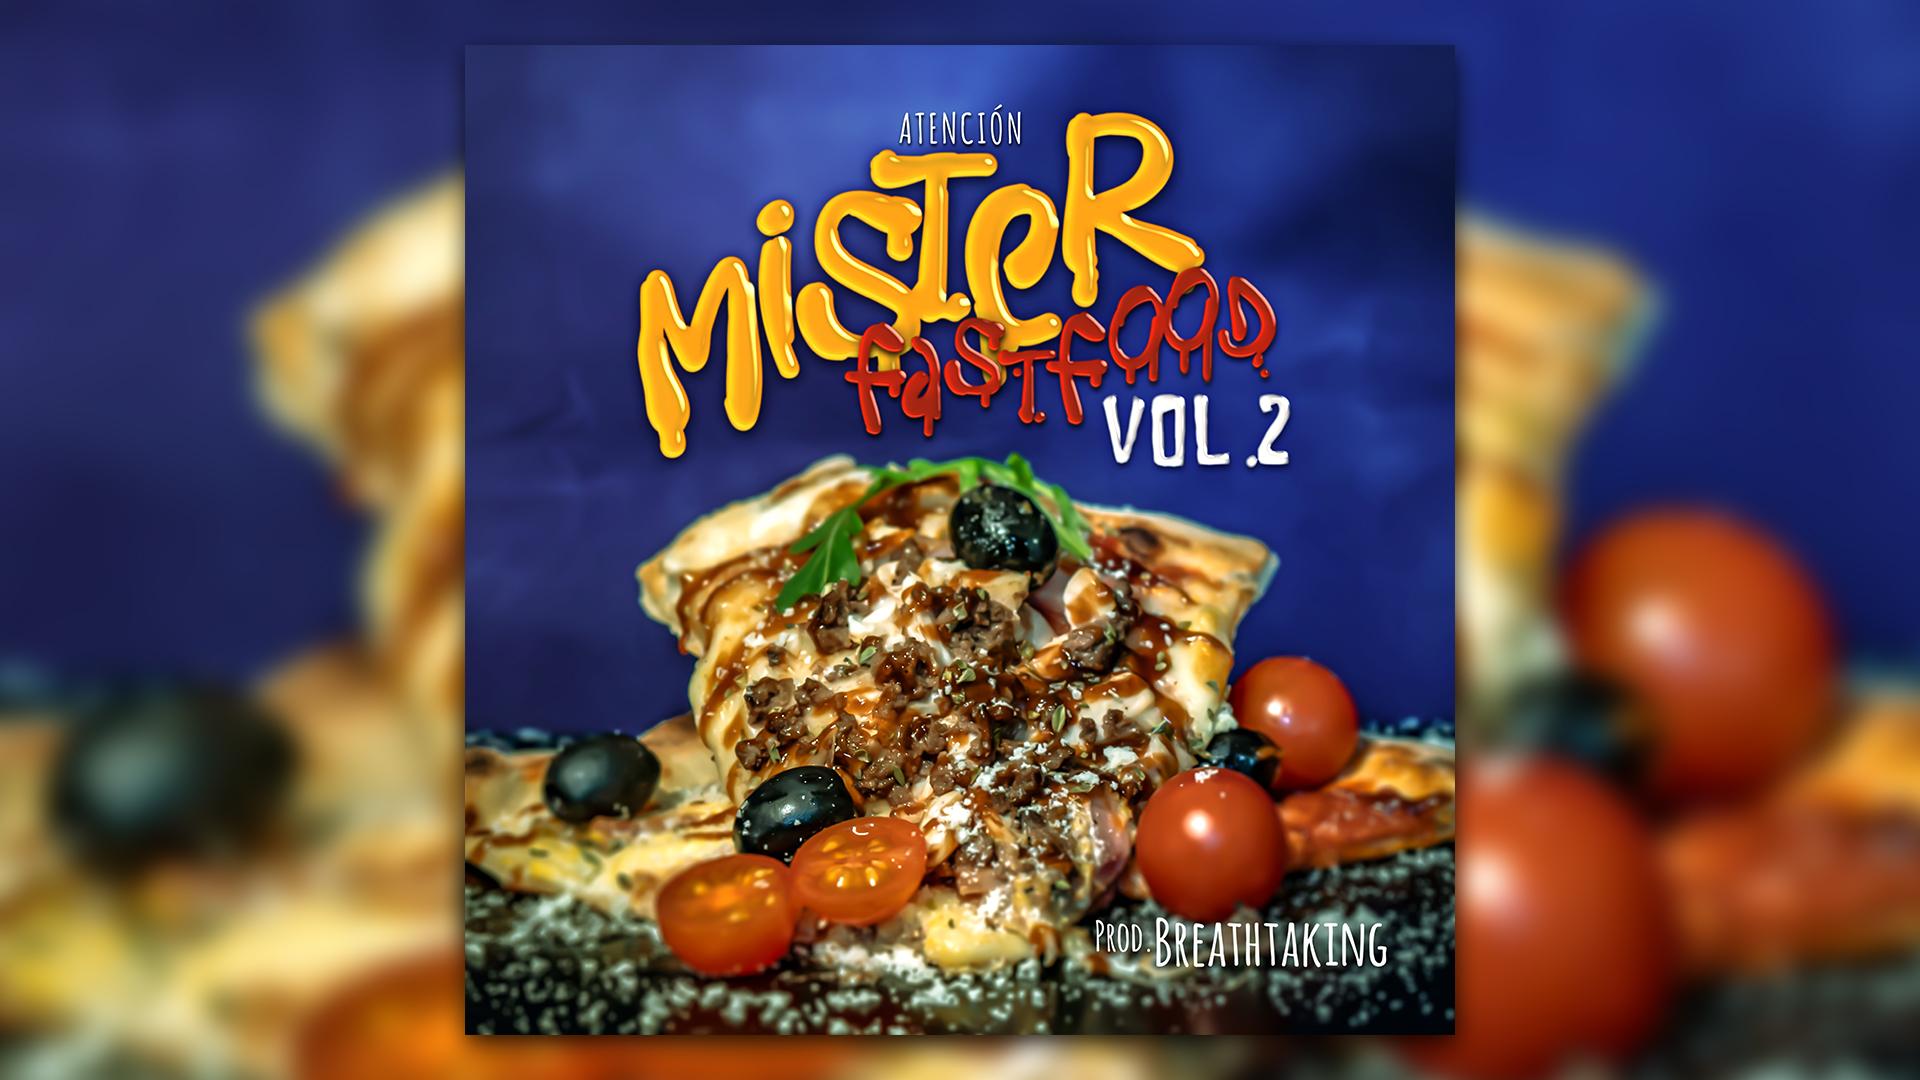 Mister – Atención – Fast Food Vol.2